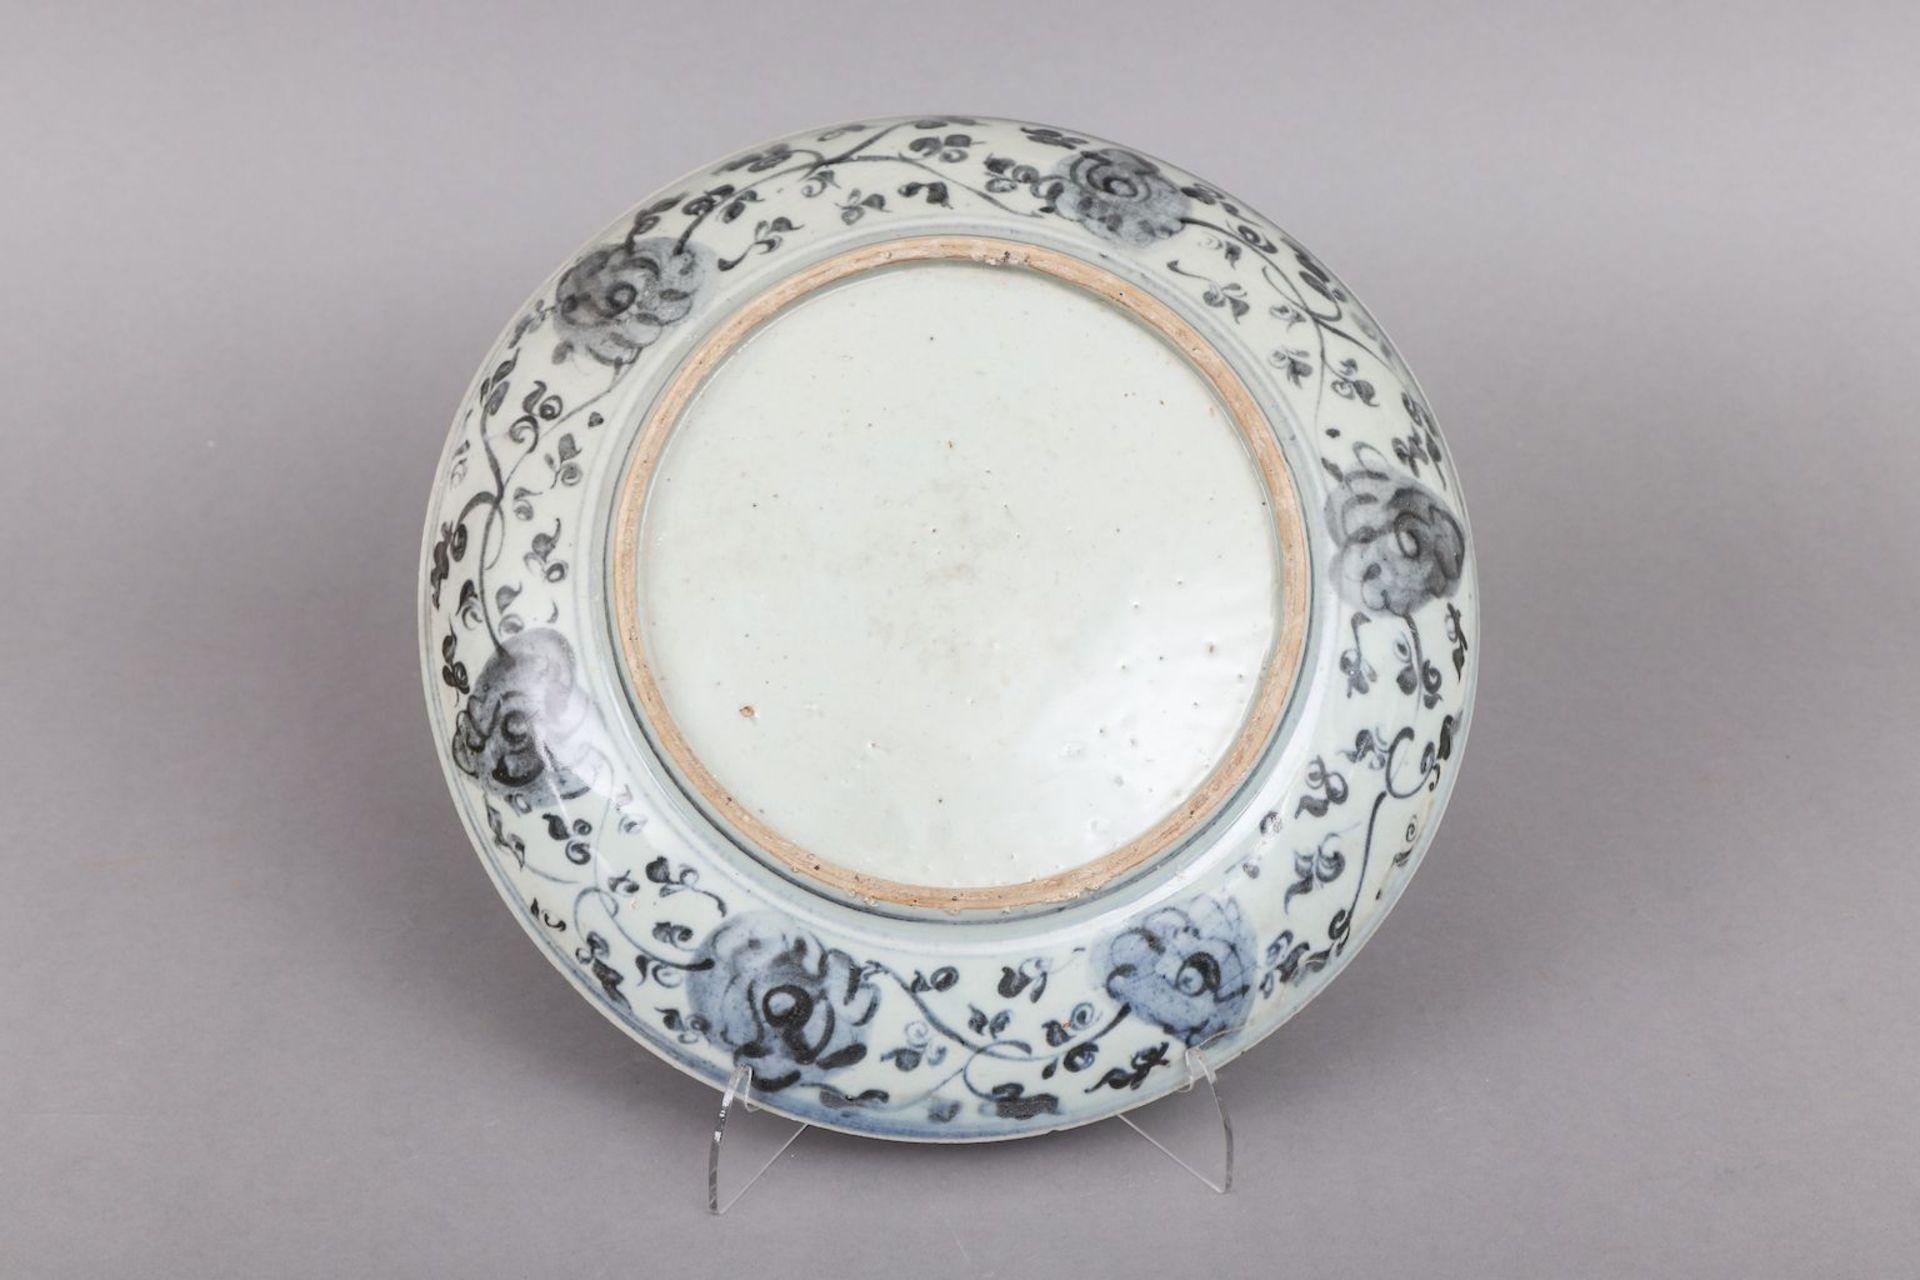 Chinesischer Porzellanteller mit Blaumalerei - Image 3 of 4